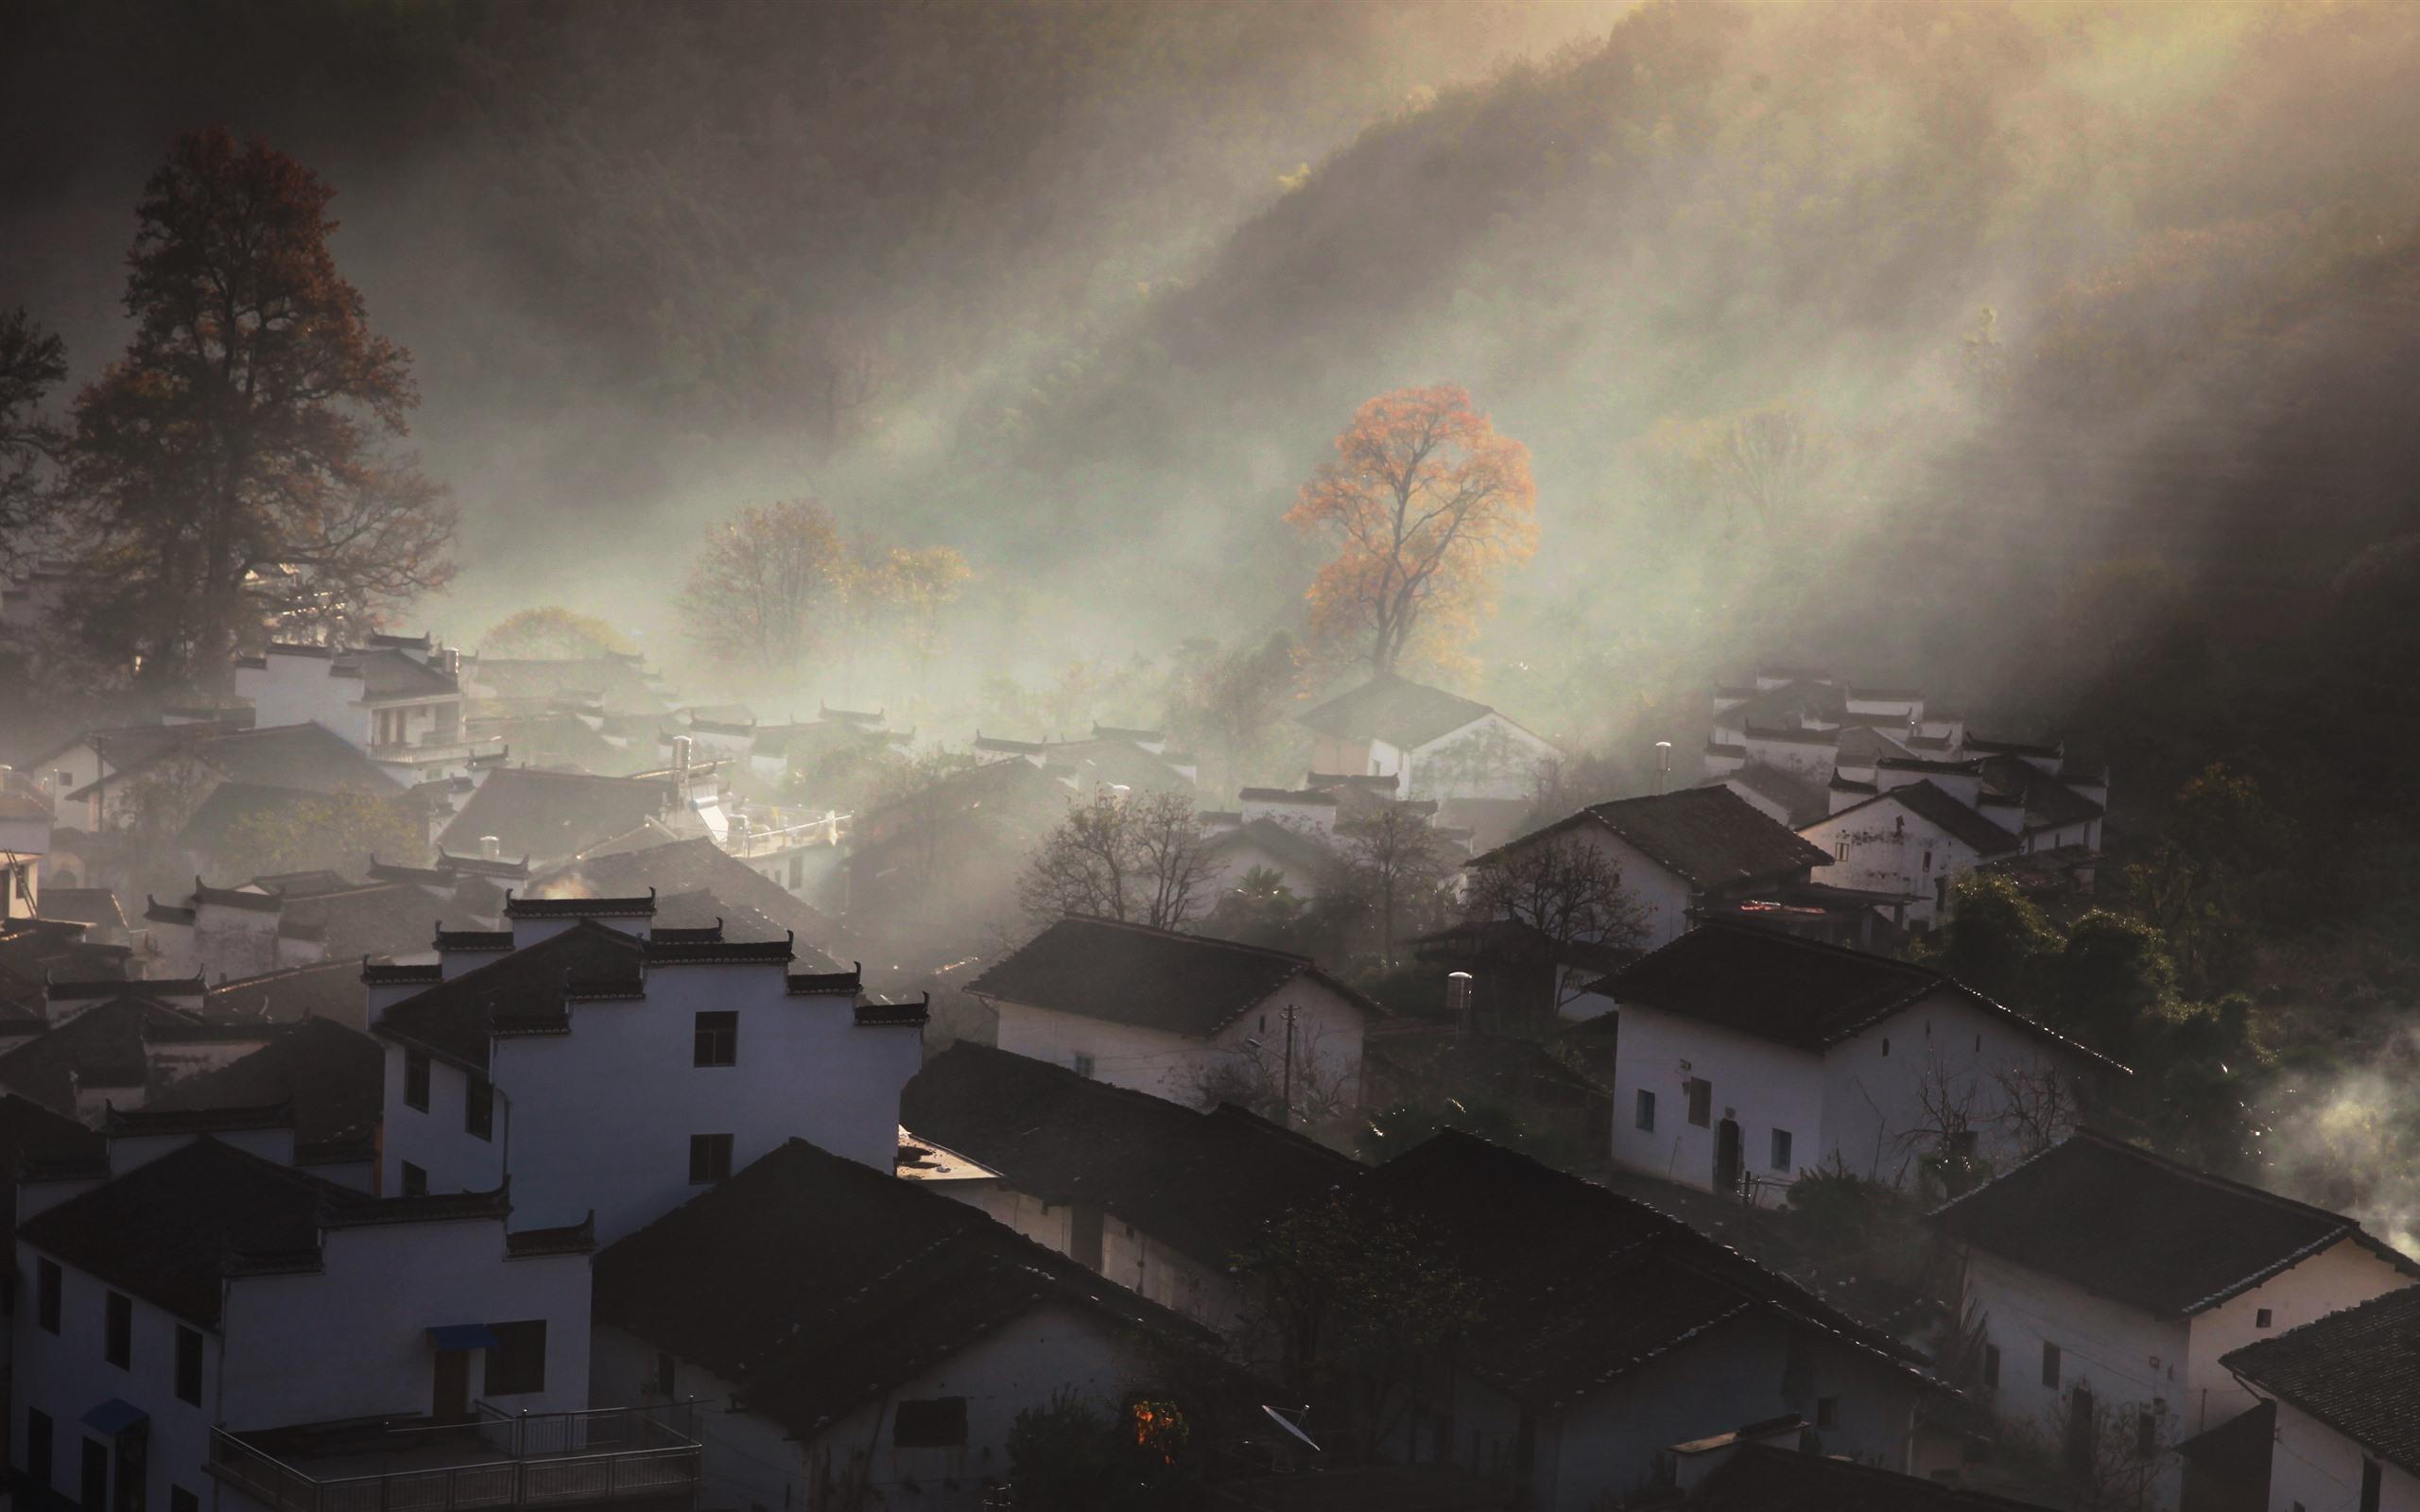 壁紙 石城 村 家 太陽光線 かすんでいる 朝 中国 51x Uhd 5k 無料のデスクトップの背景 画像